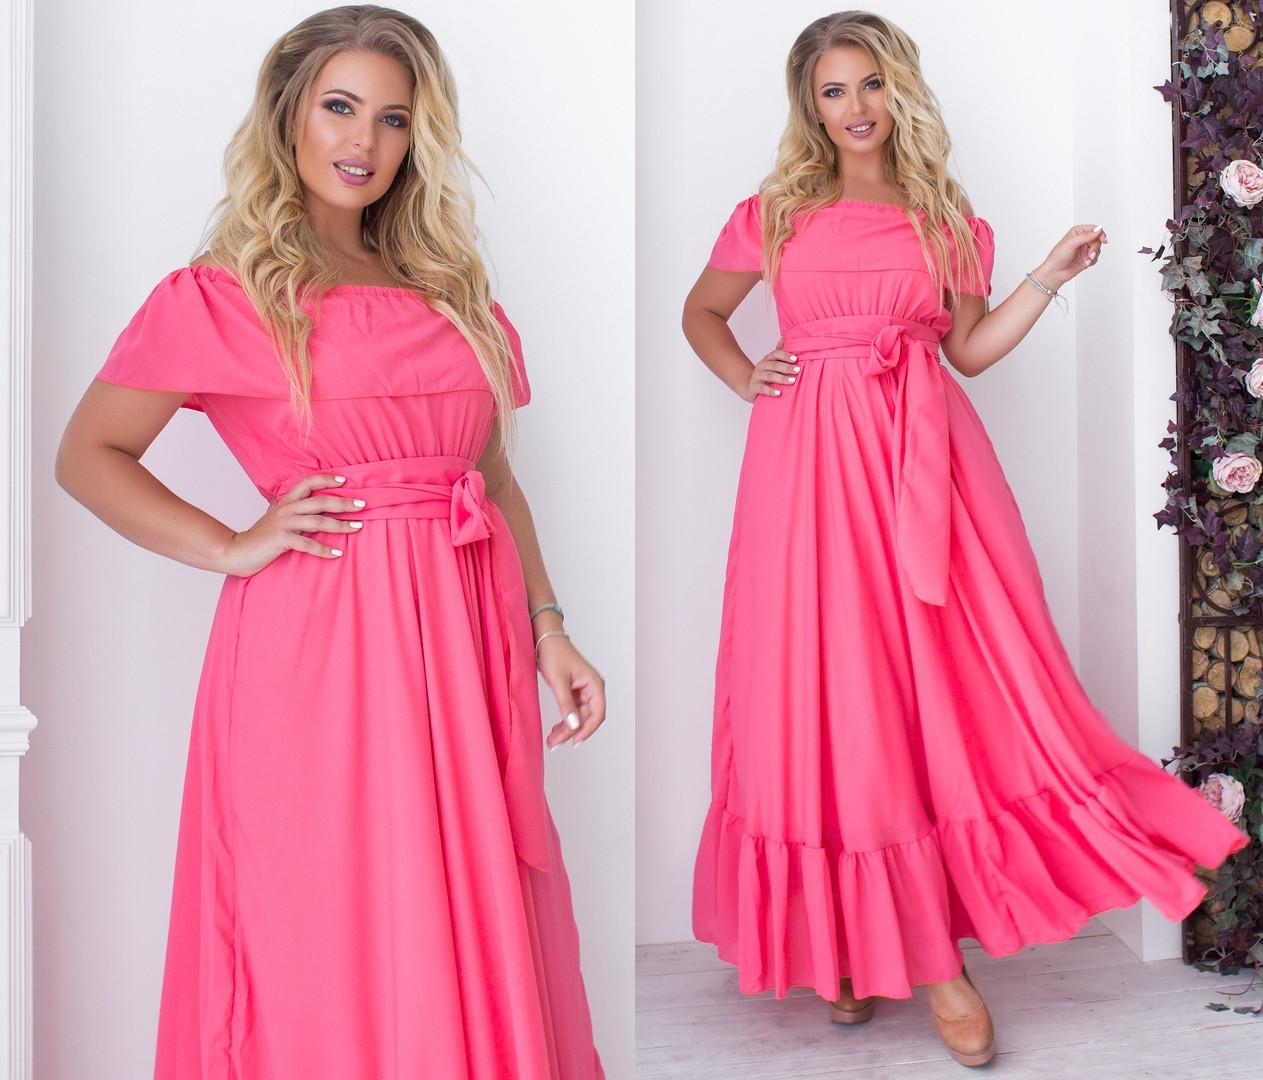 8ec4ed44e60fba5 Длинное Шифоновое Платье с Поясом. Коралловое, 5 Цветов. Р-р: 48-50 ...